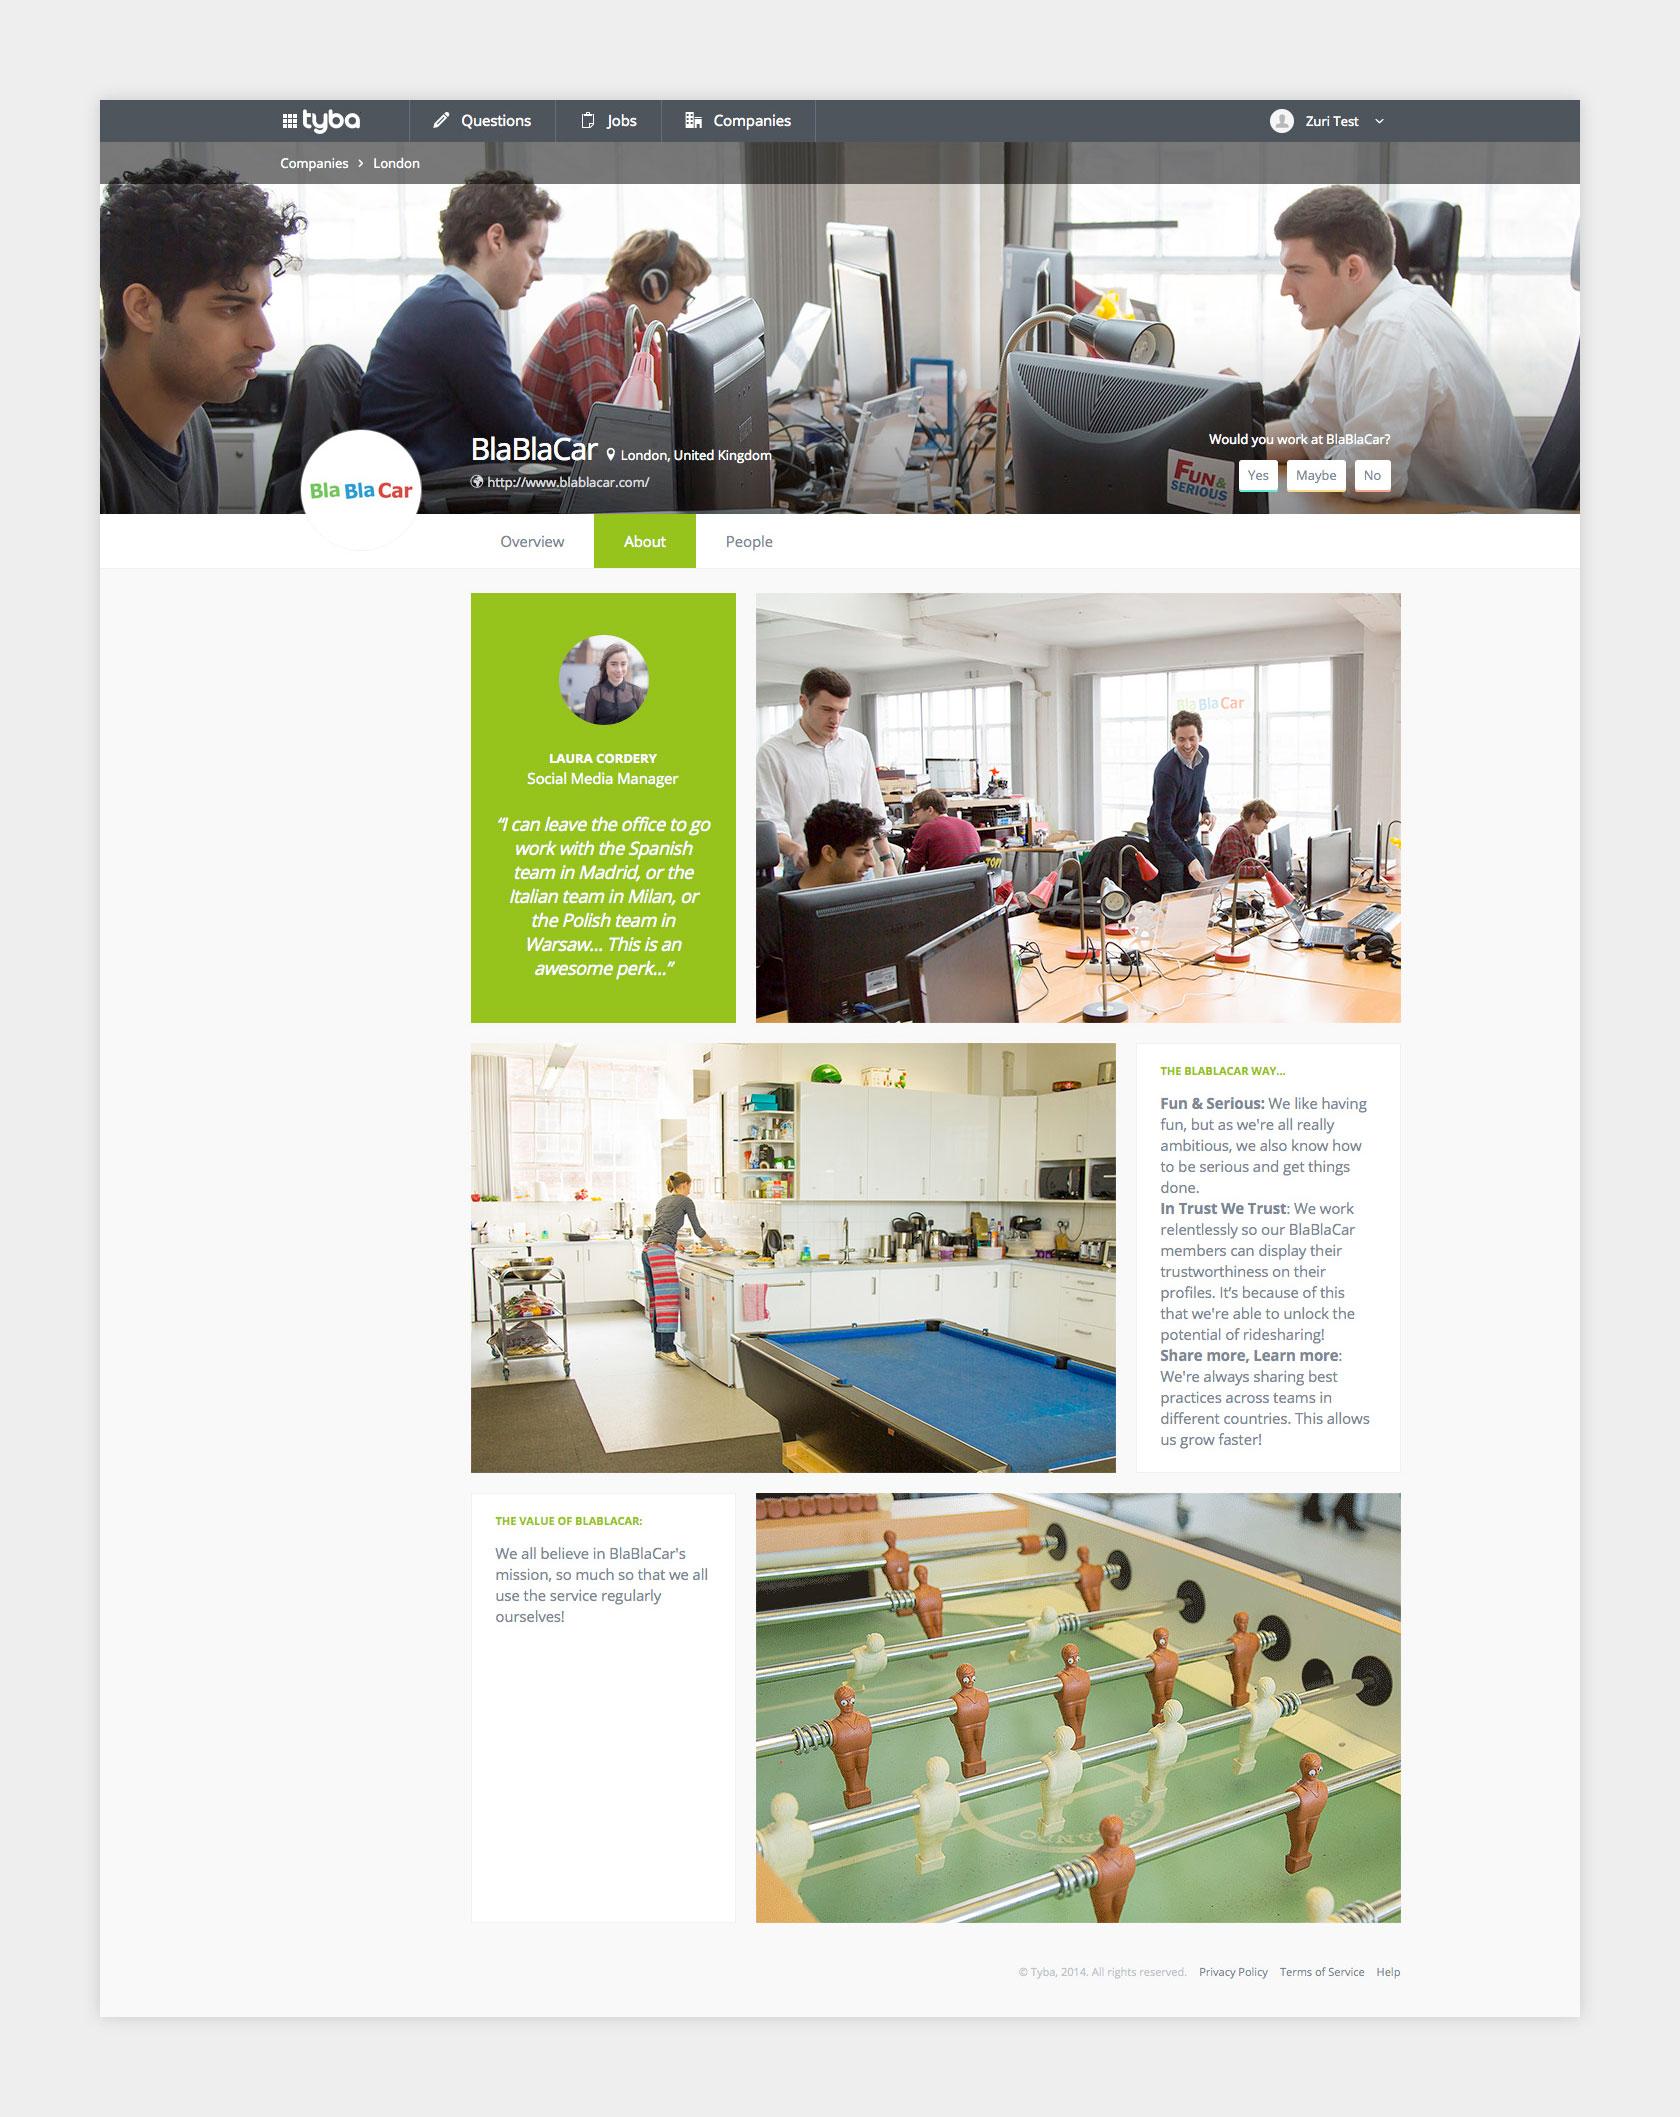 company_page_02